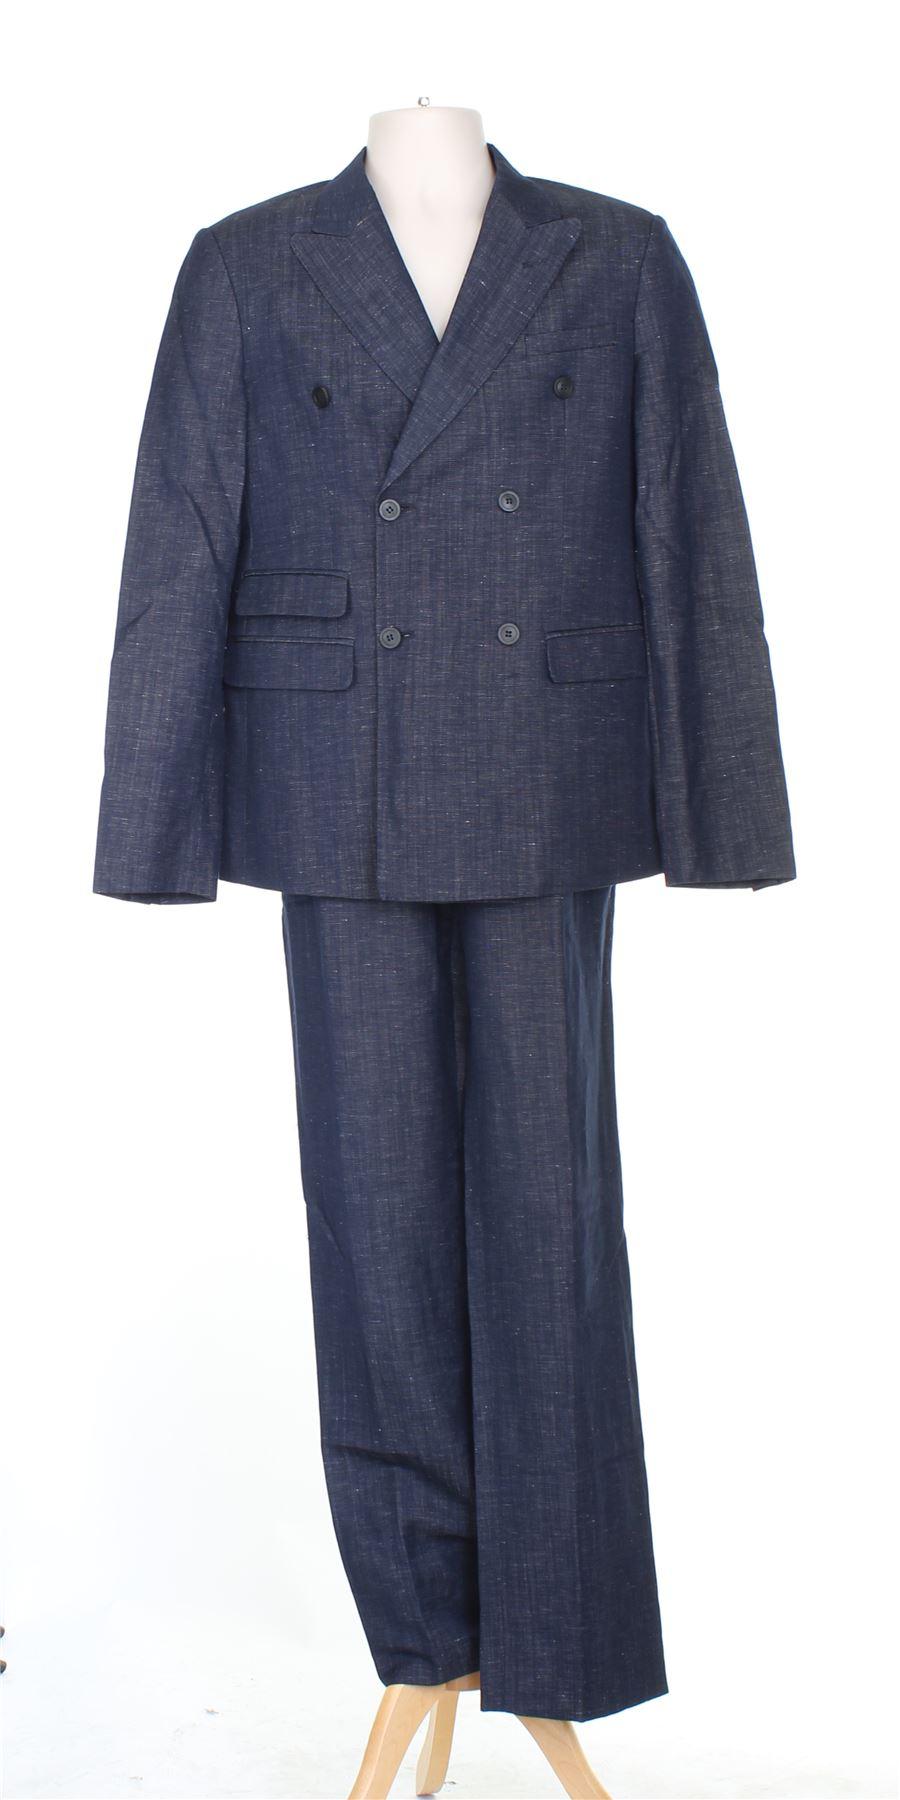 sports shoes b7750 c81c0 Détails sur EMPORIO ARMANI Robert Line Costume en laine bleu à deux pièces,  UK 38 US 38 EU M